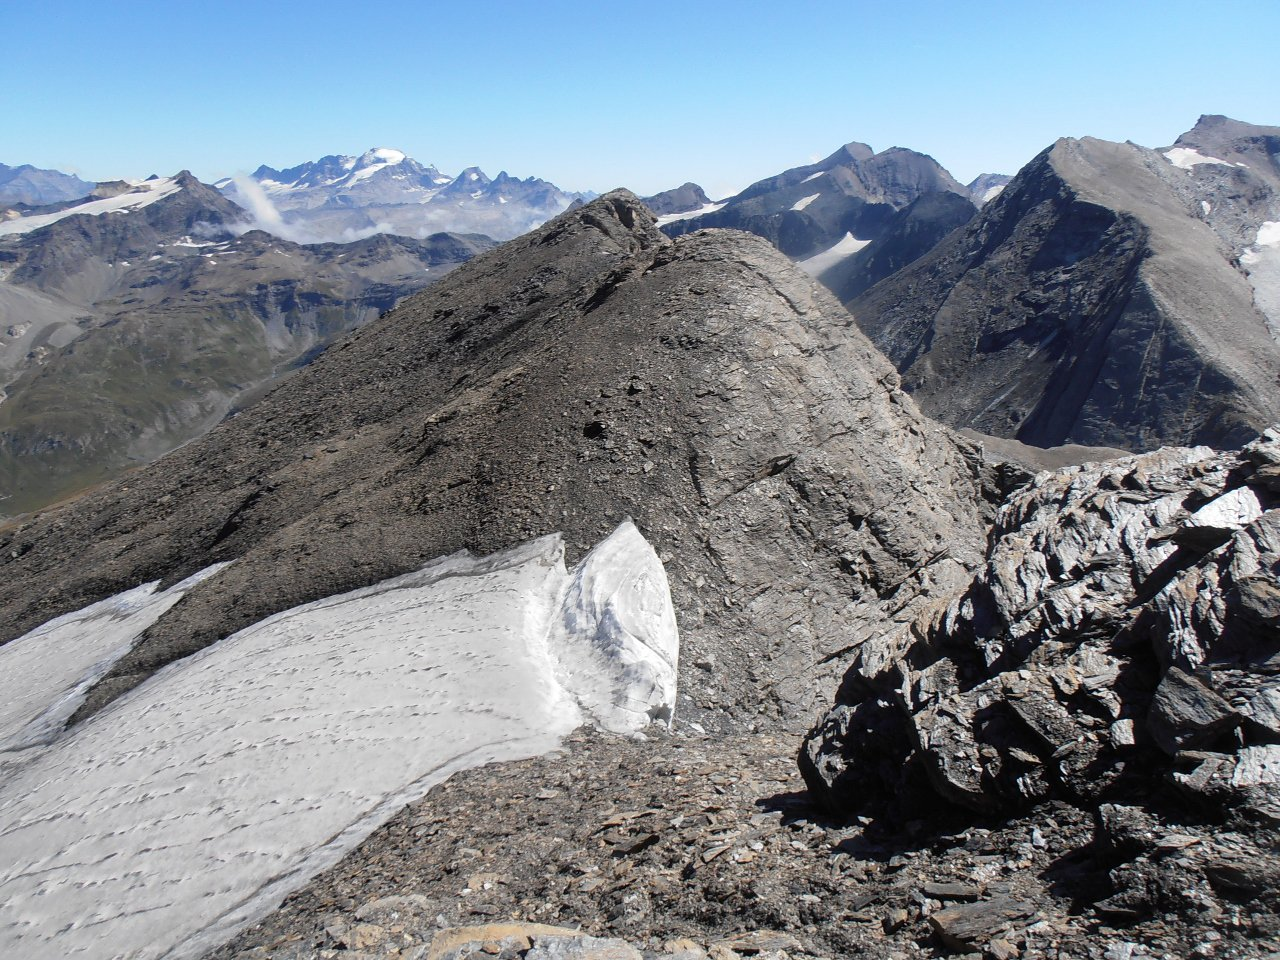 06 - i resti del piccolo glacio nevaio sul versante nord del Signal de l'Iseran